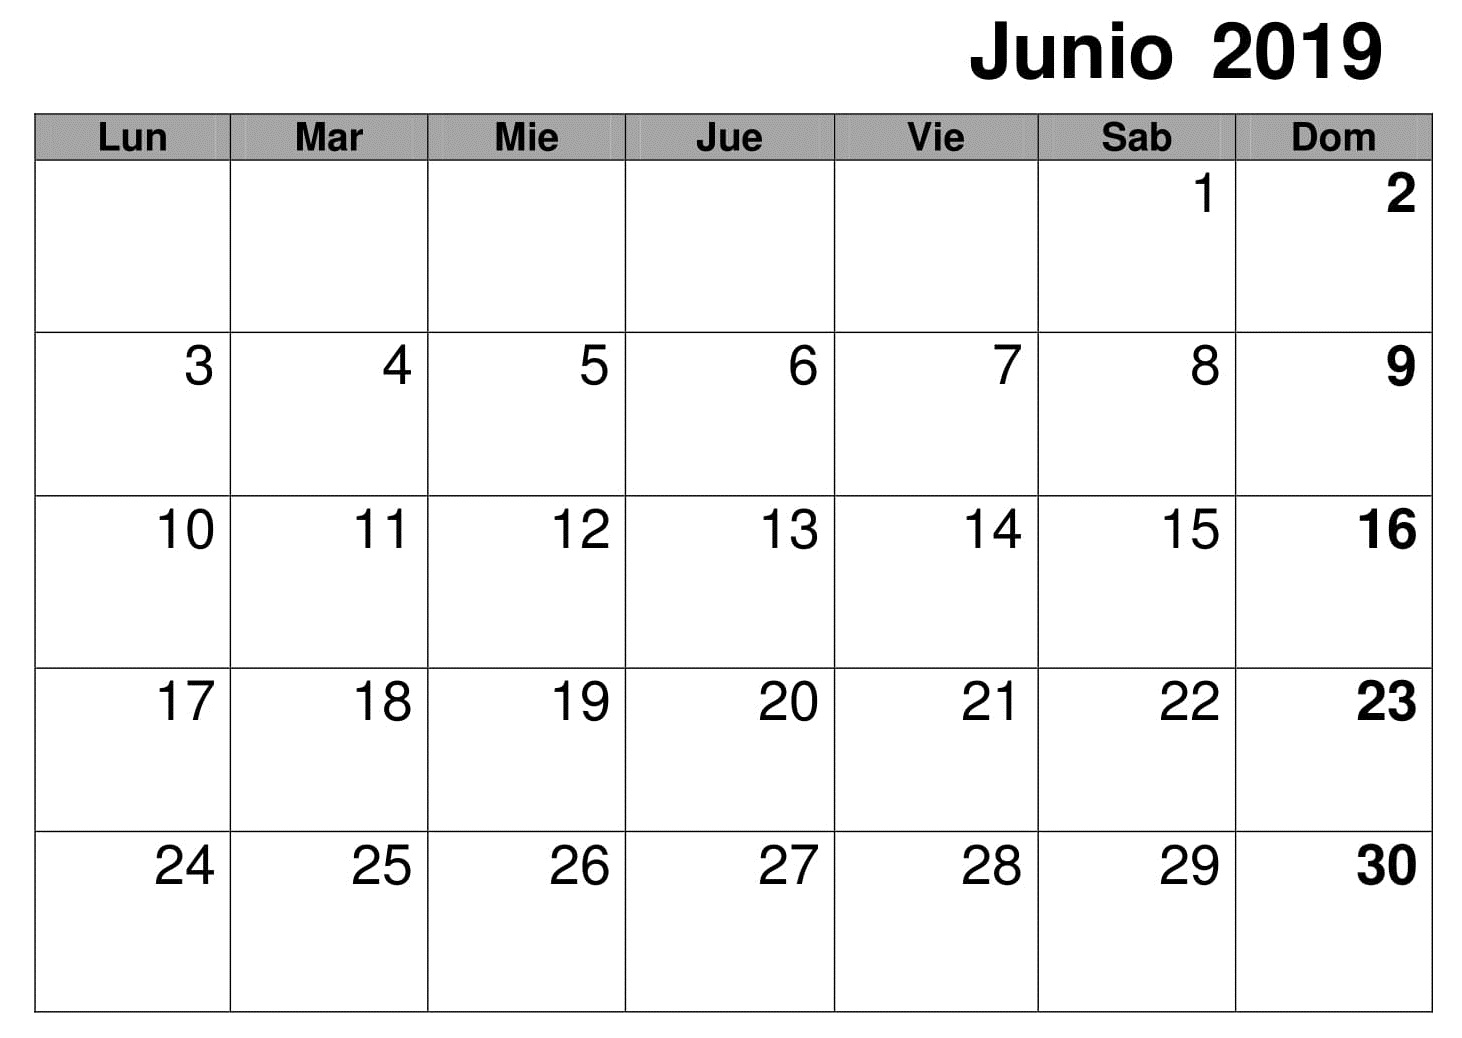 Calendario Mensual Junio 2019 Para Imprimir